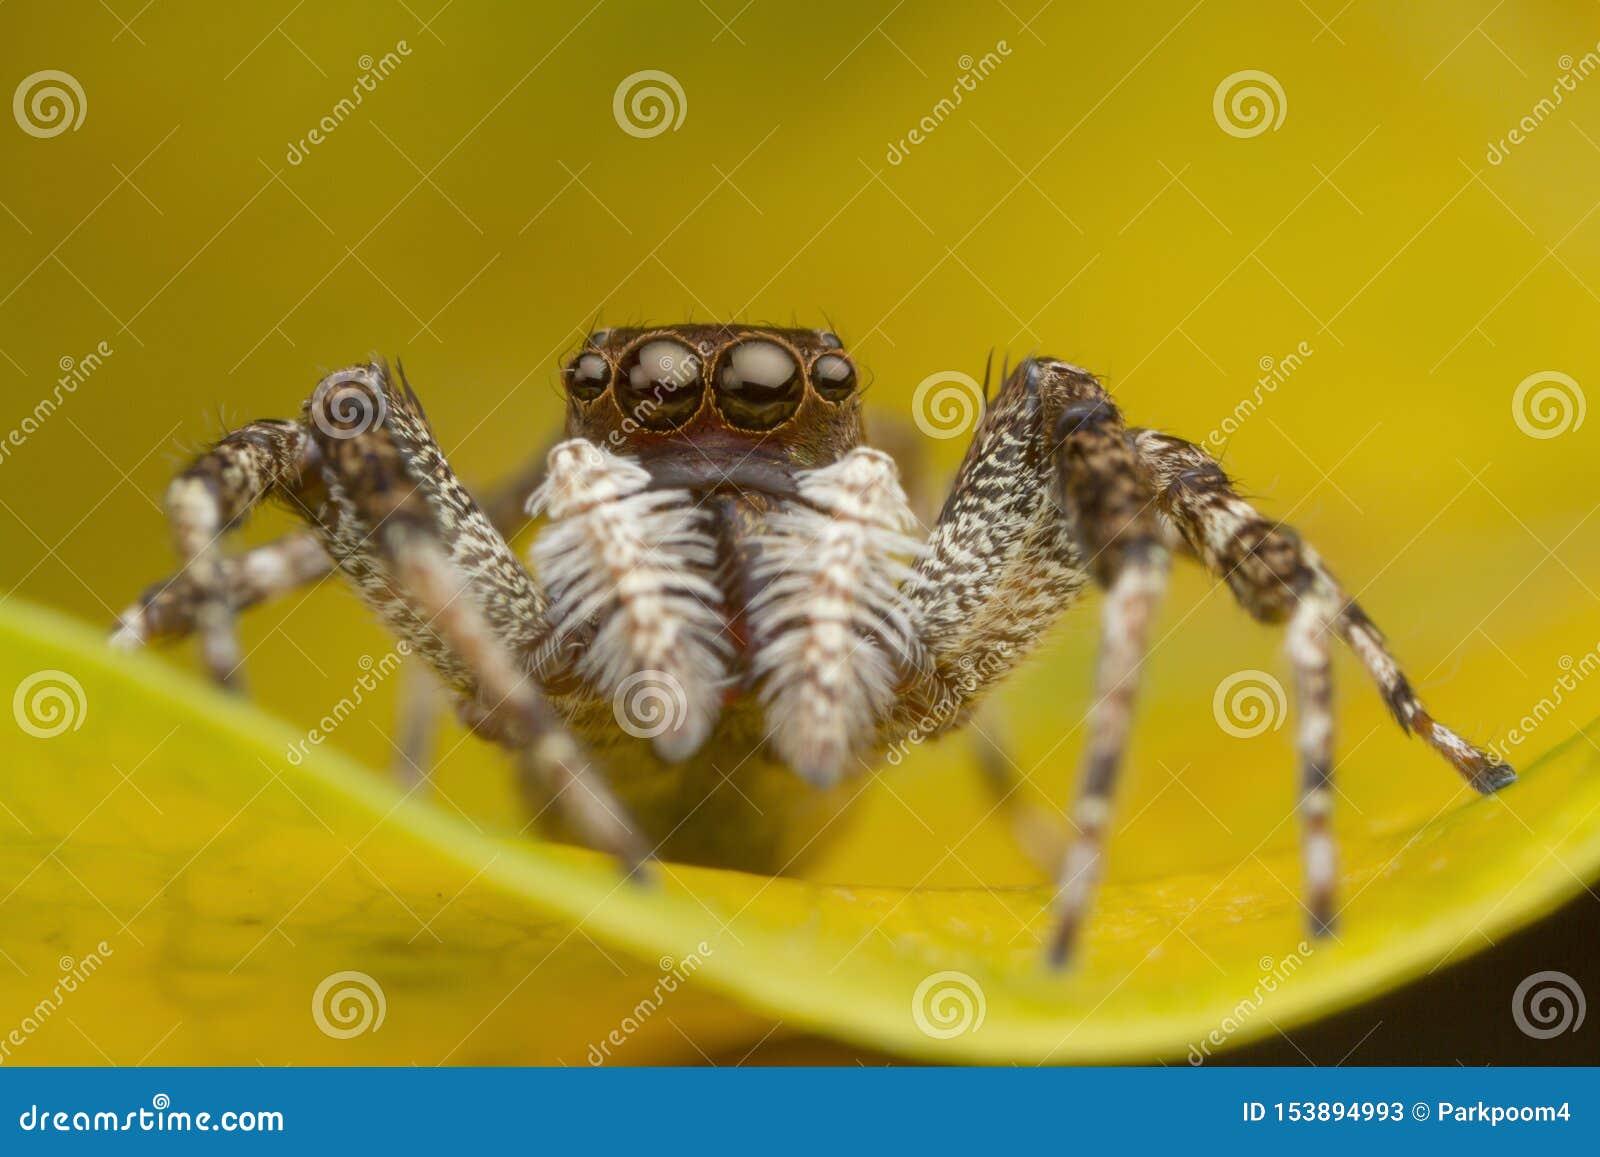 Araña de salto en la hoja amarilla